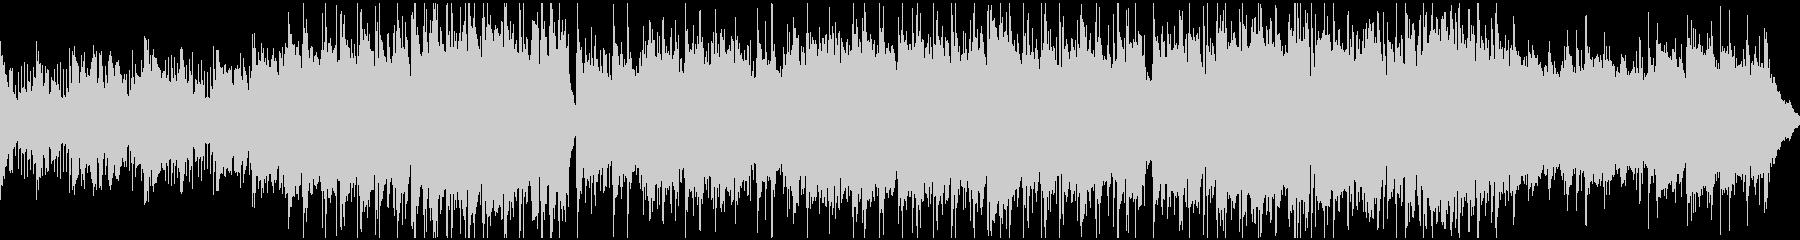 切ないケルト曲(ループ)の未再生の波形